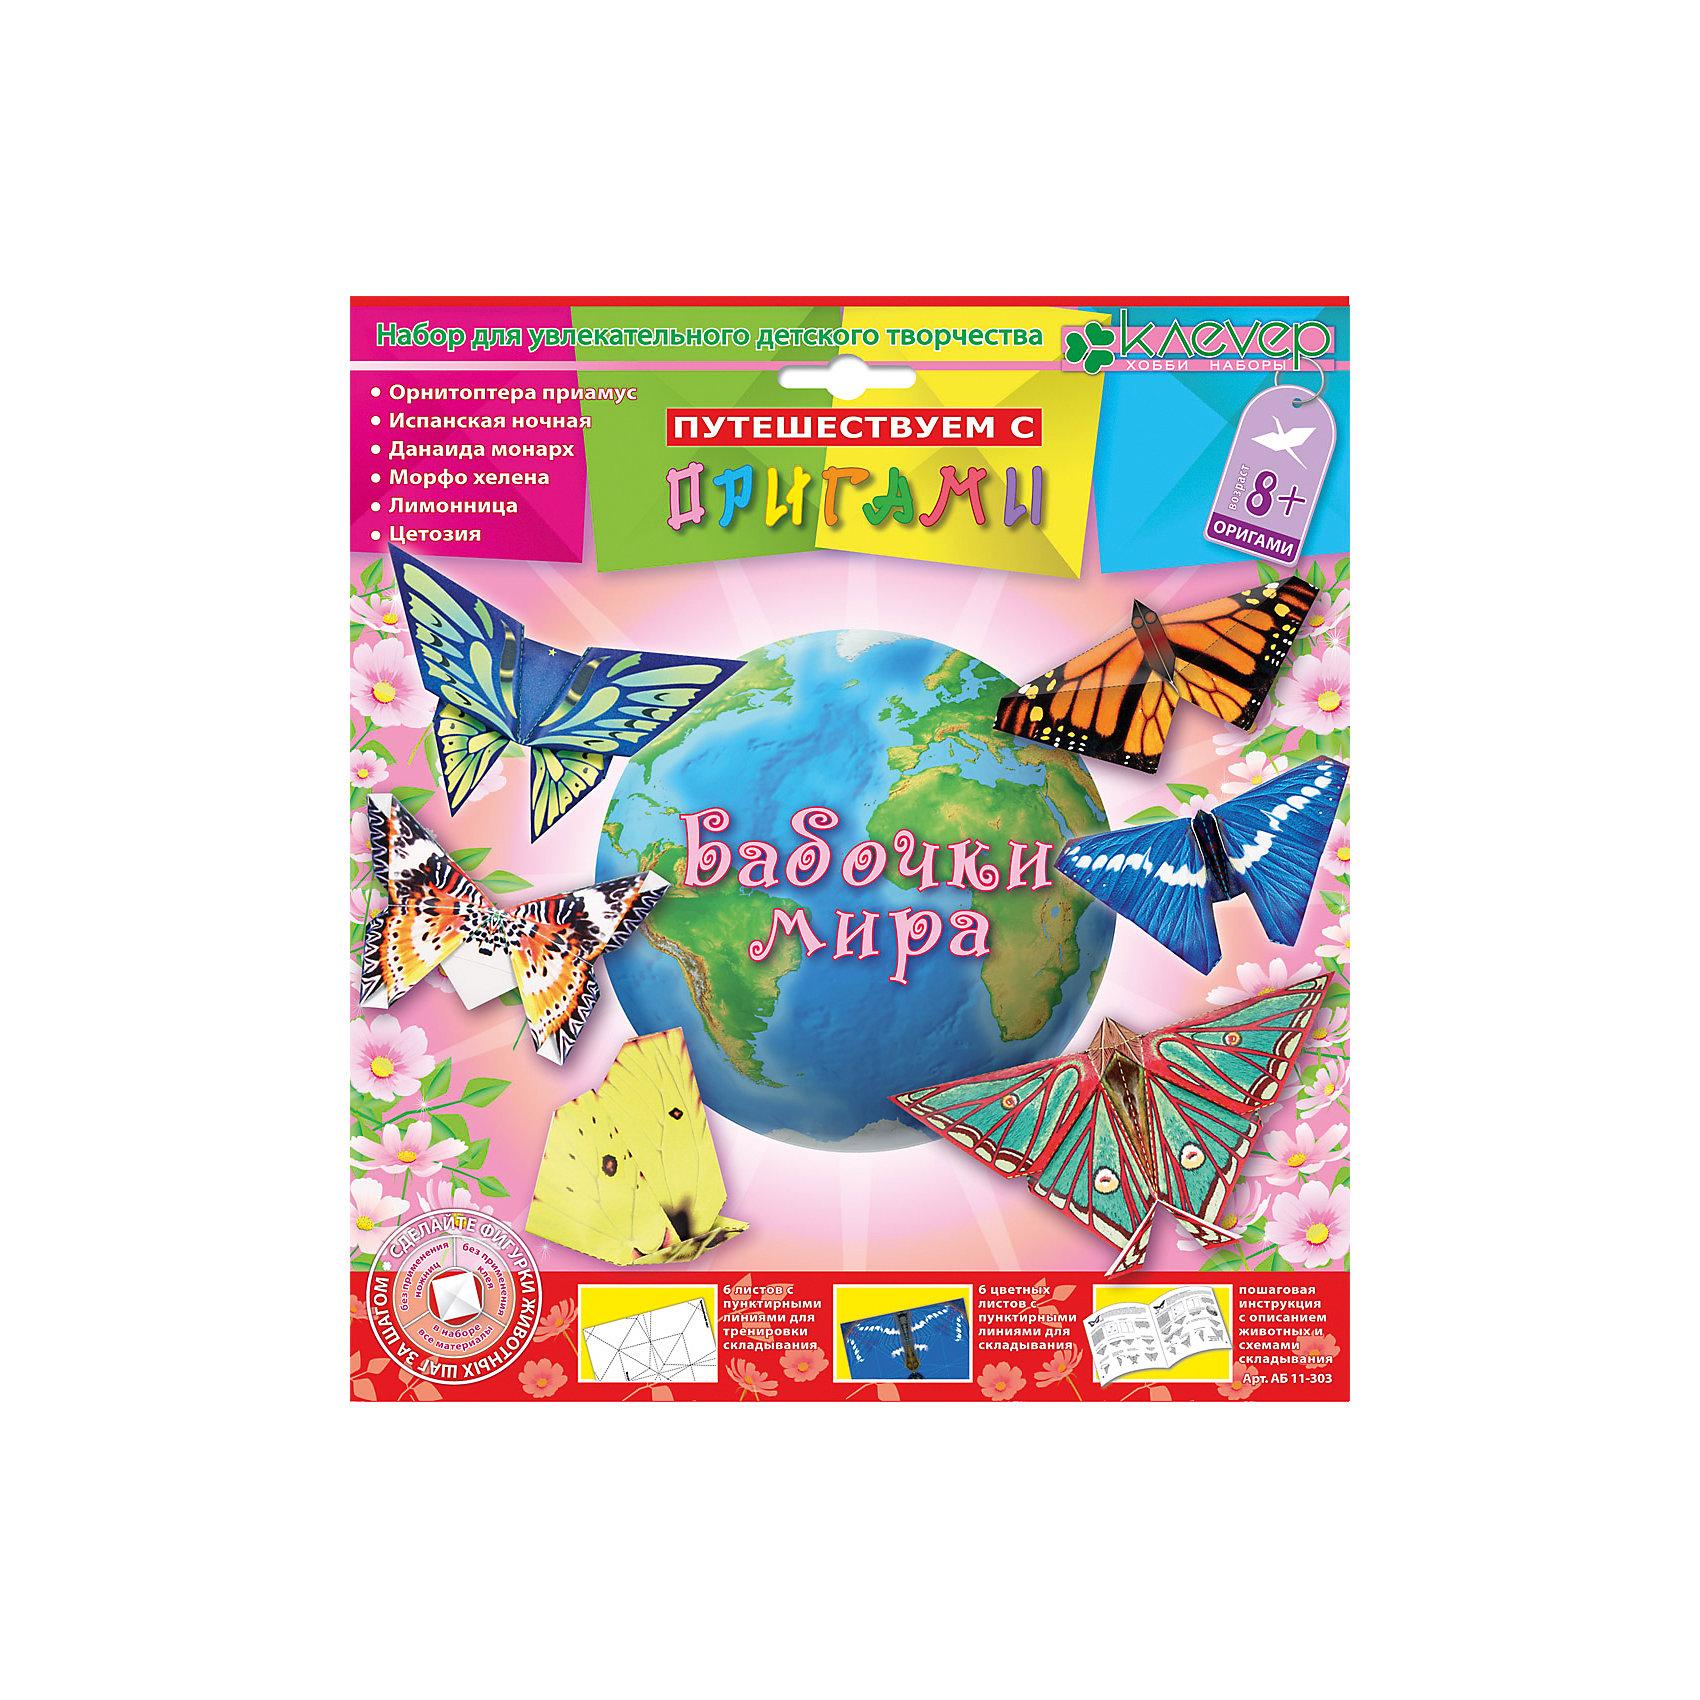 Набор для изготовления фигурок-оригами Бабочки мираРукоделие<br>Характеристики:<br><br>• Коллекция: оригами<br>• Тематика: бабочки<br>• Уровень сложности: средний<br>• Материал: бумага<br>• Комплектация: тренировочные листы – 6 шт., цветные листы – 6 шт., брошюра-инструкция<br>• Размеры (Д*Ш*В): 20,7*22,8*2 см<br>• Вес: 190 г <br>• Упаковка: картонная коробка<br><br>Набор для изготовления фигурок-оригами Бабочки мира состоит из набора цветных и черно-белых листов, презназначенных для освоения приемов складывания фигурок. На каждый лист нанесены пунктирные линии, которые облегчают процесс обучения оригами.<br><br>Набор для изготовления фигурок-оригами Бабочки мира можно купить в нашем интернет-магазине.<br><br>Ширина мм: 207<br>Глубина мм: 228<br>Высота мм: 20<br>Вес г: 190<br>Возраст от месяцев: 96<br>Возраст до месяцев: 144<br>Пол: Унисекс<br>Возраст: Детский<br>SKU: 5541600